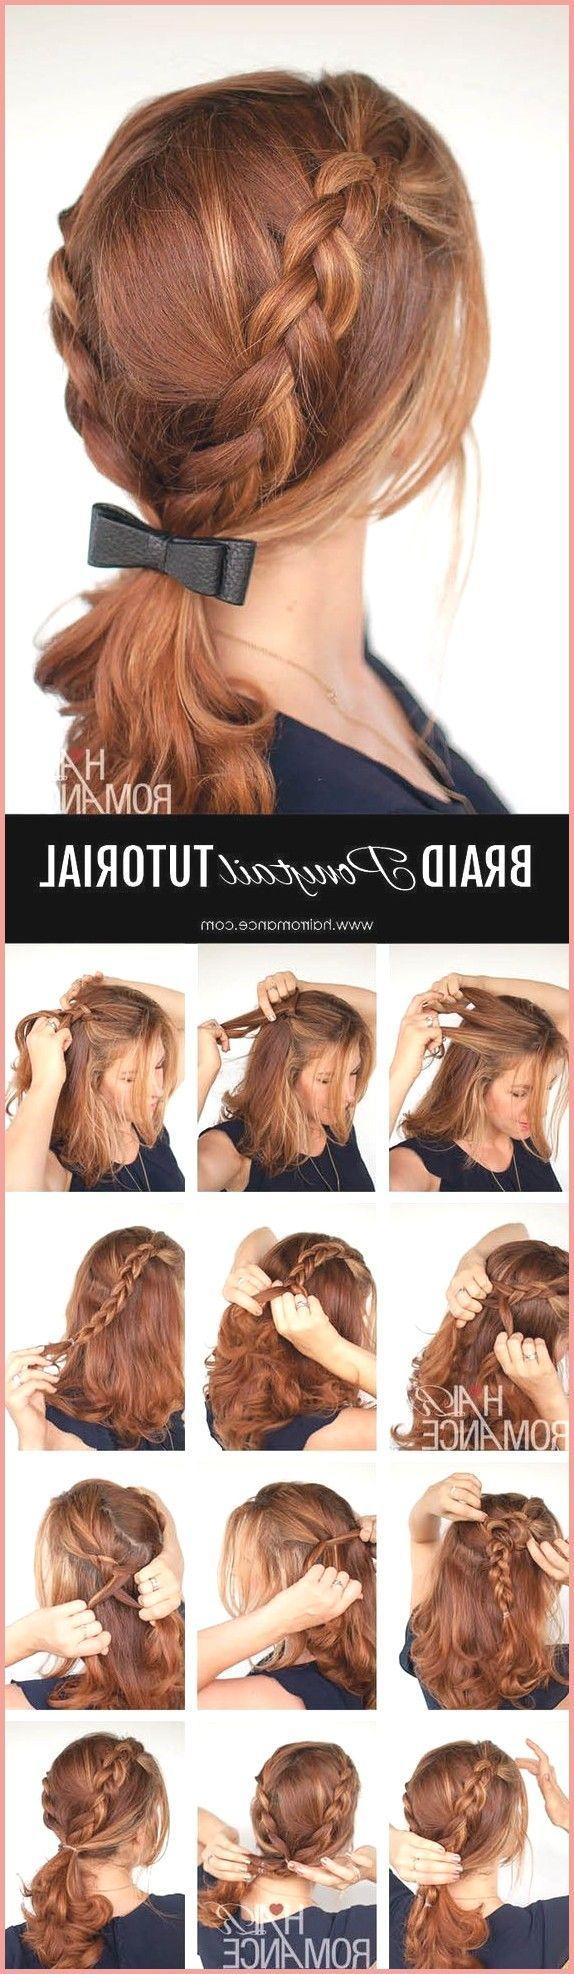 Long Hair Models - 15 Möglichkeiten, um Ihre Lobs zu machen (Long Bob Frisur Ideen) ...  ... Long